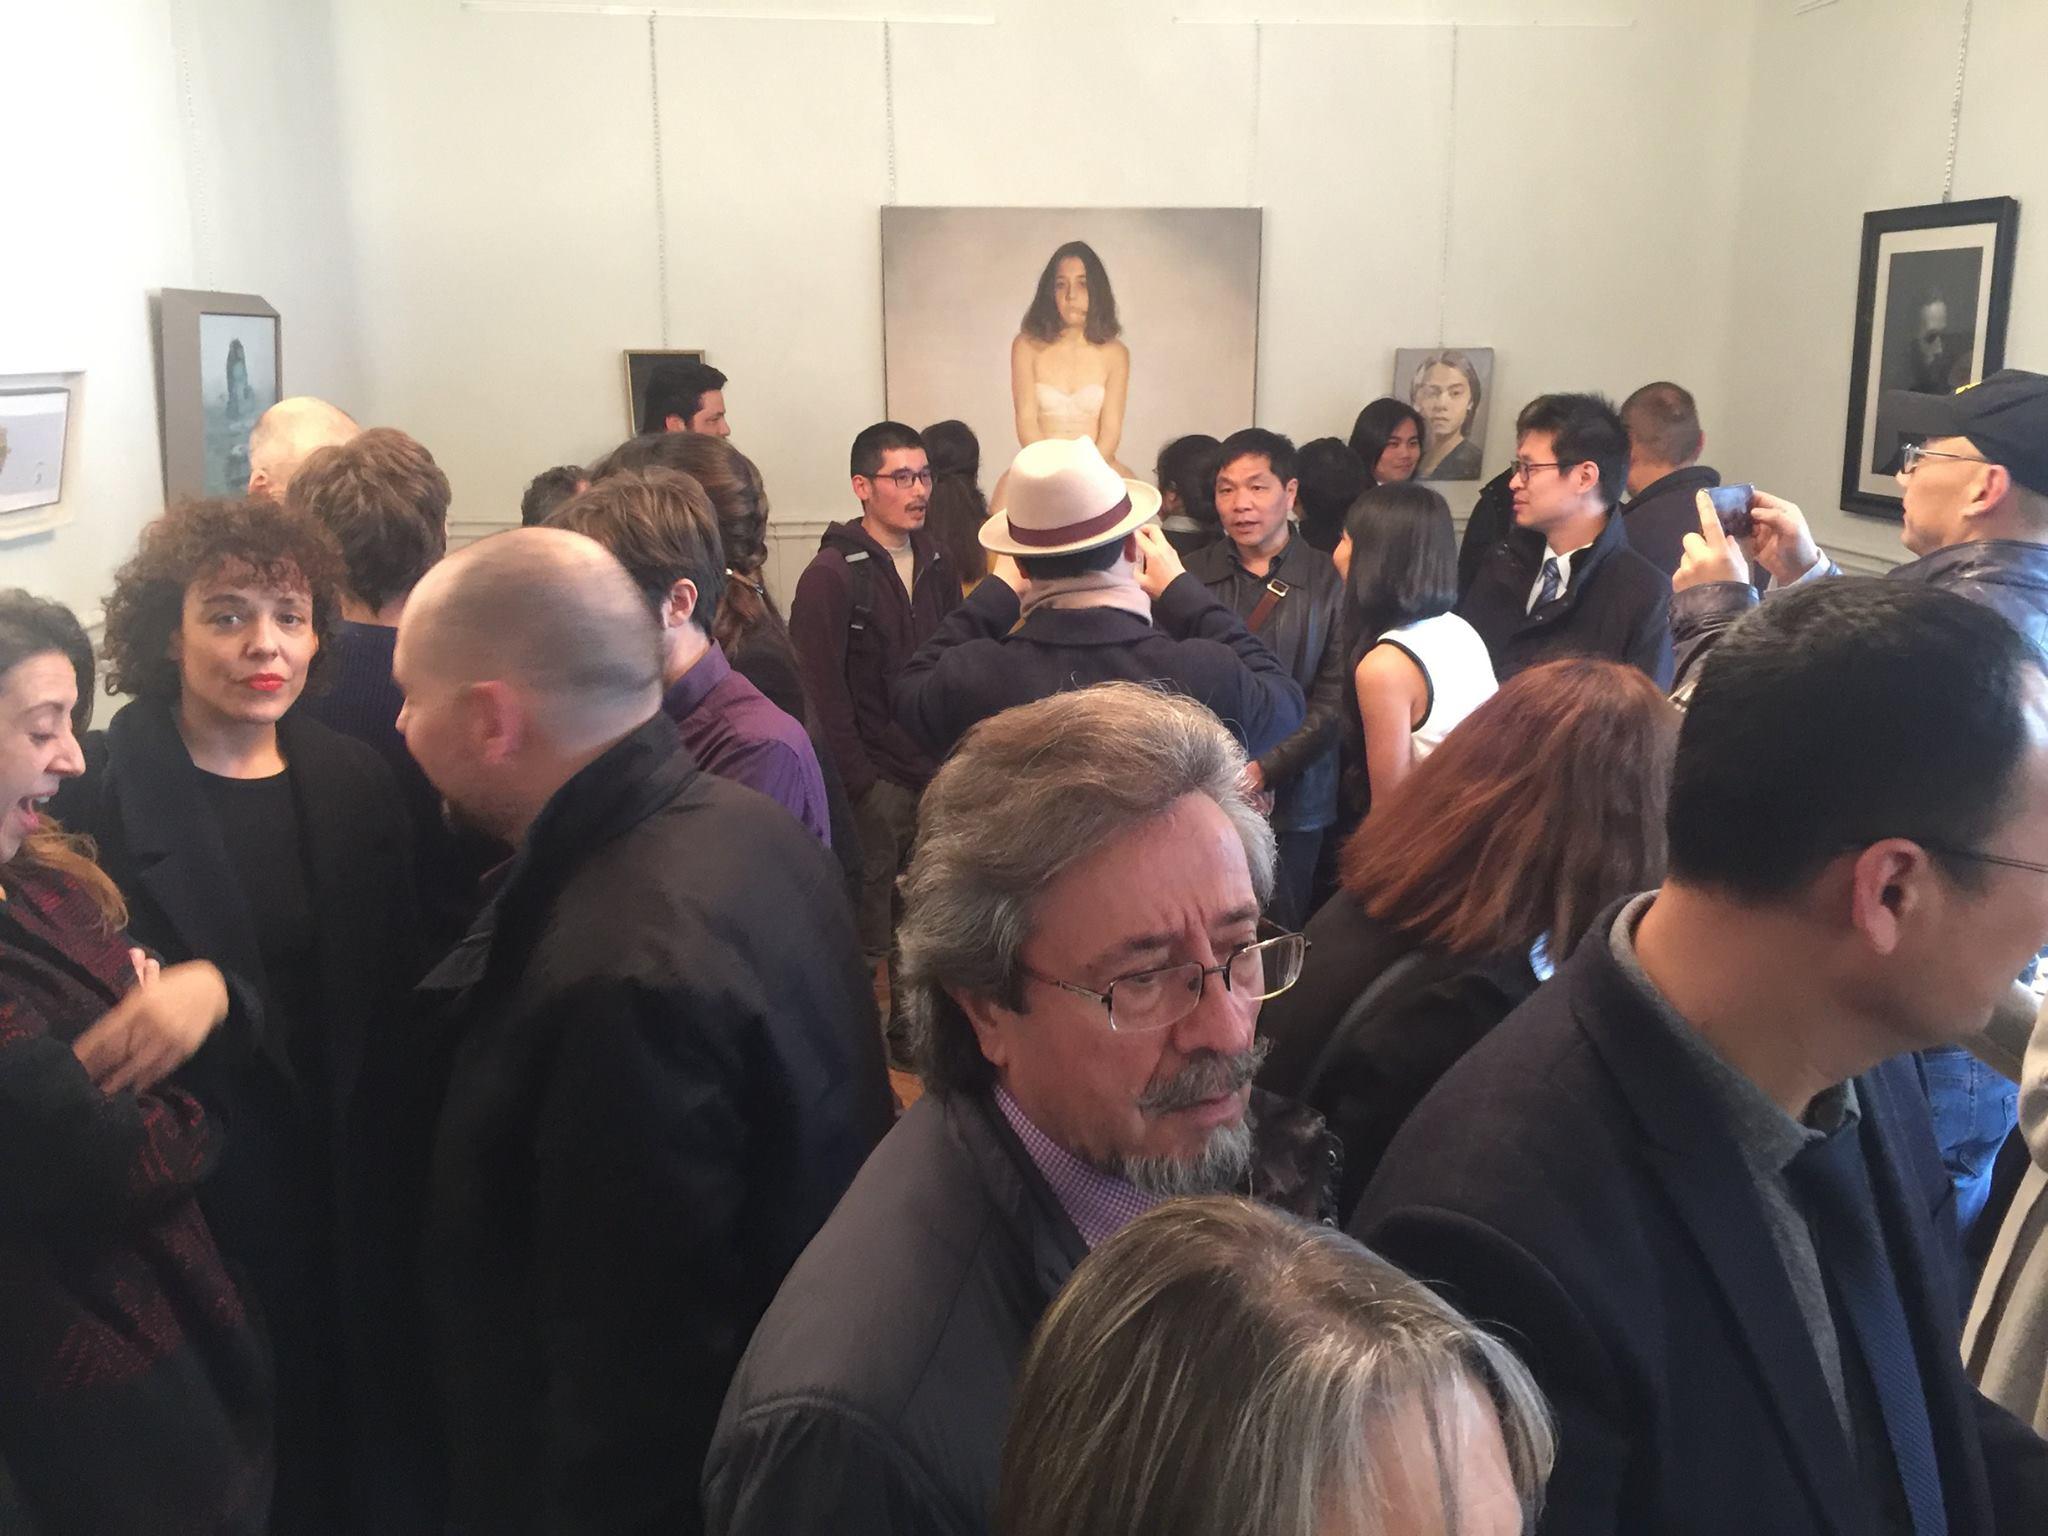 Antonio Lopez Garcia Albacete art exhibition 2017.jpg